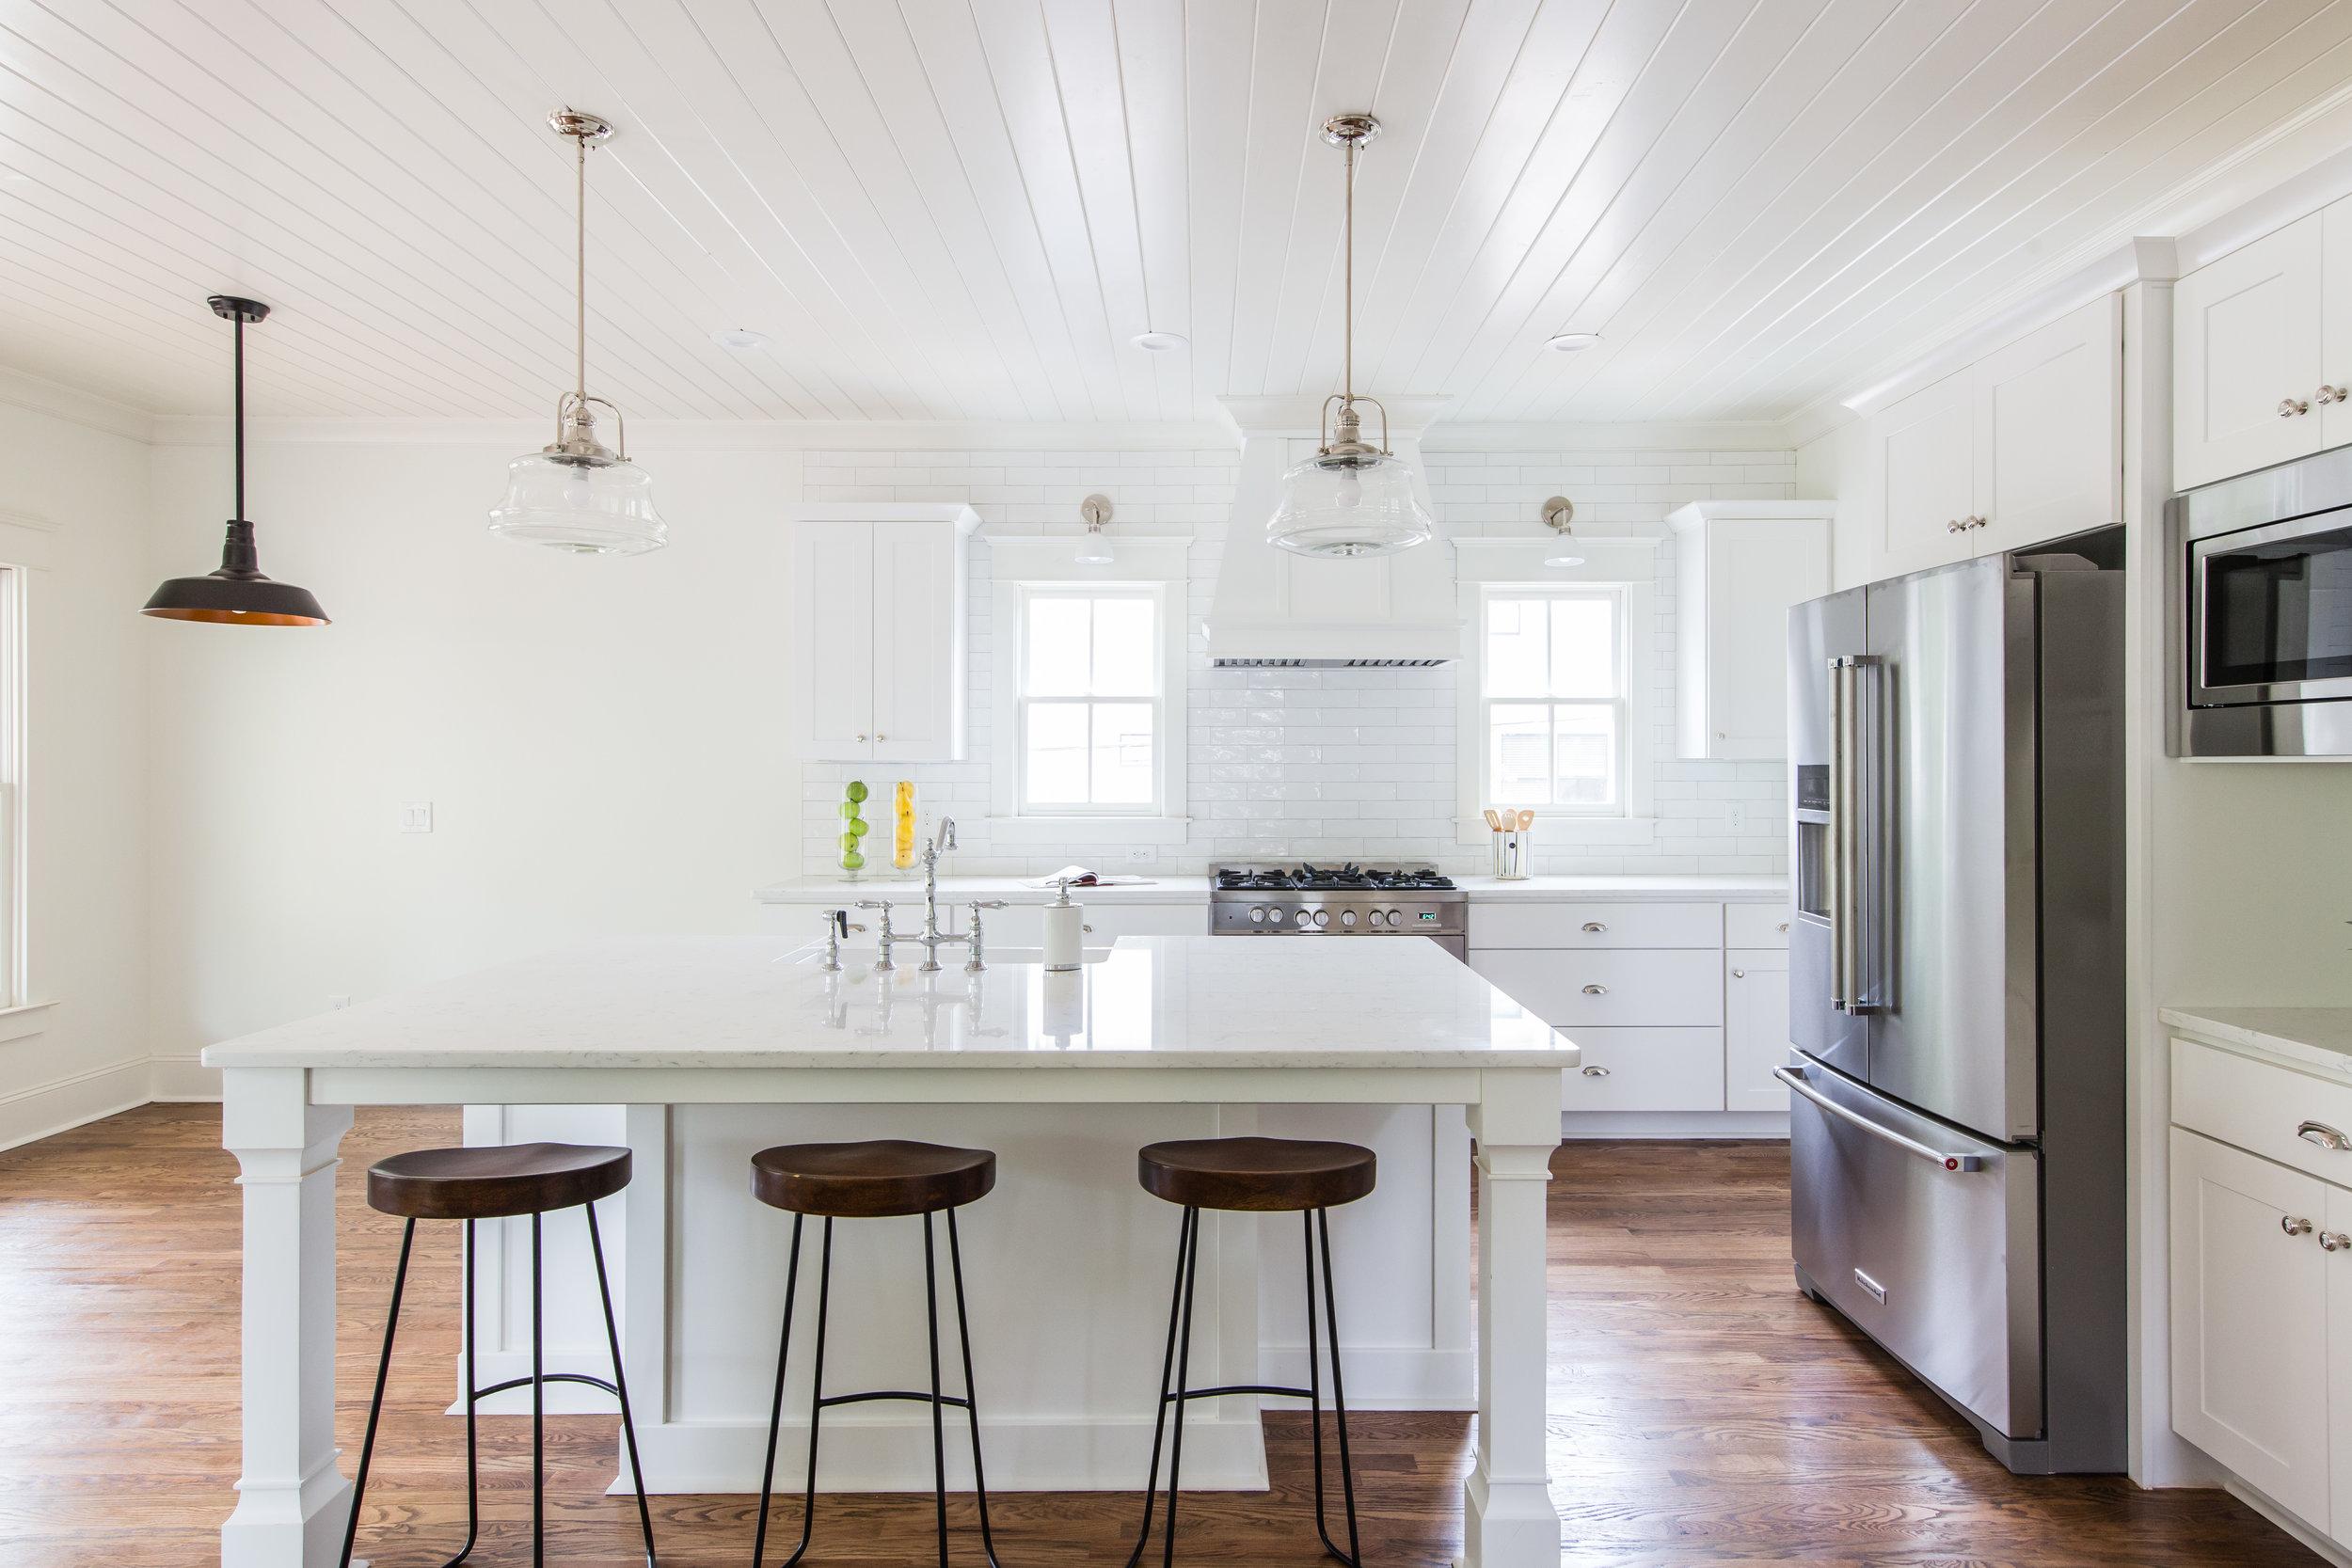 303 Melrose-Kitchen 3.jpg